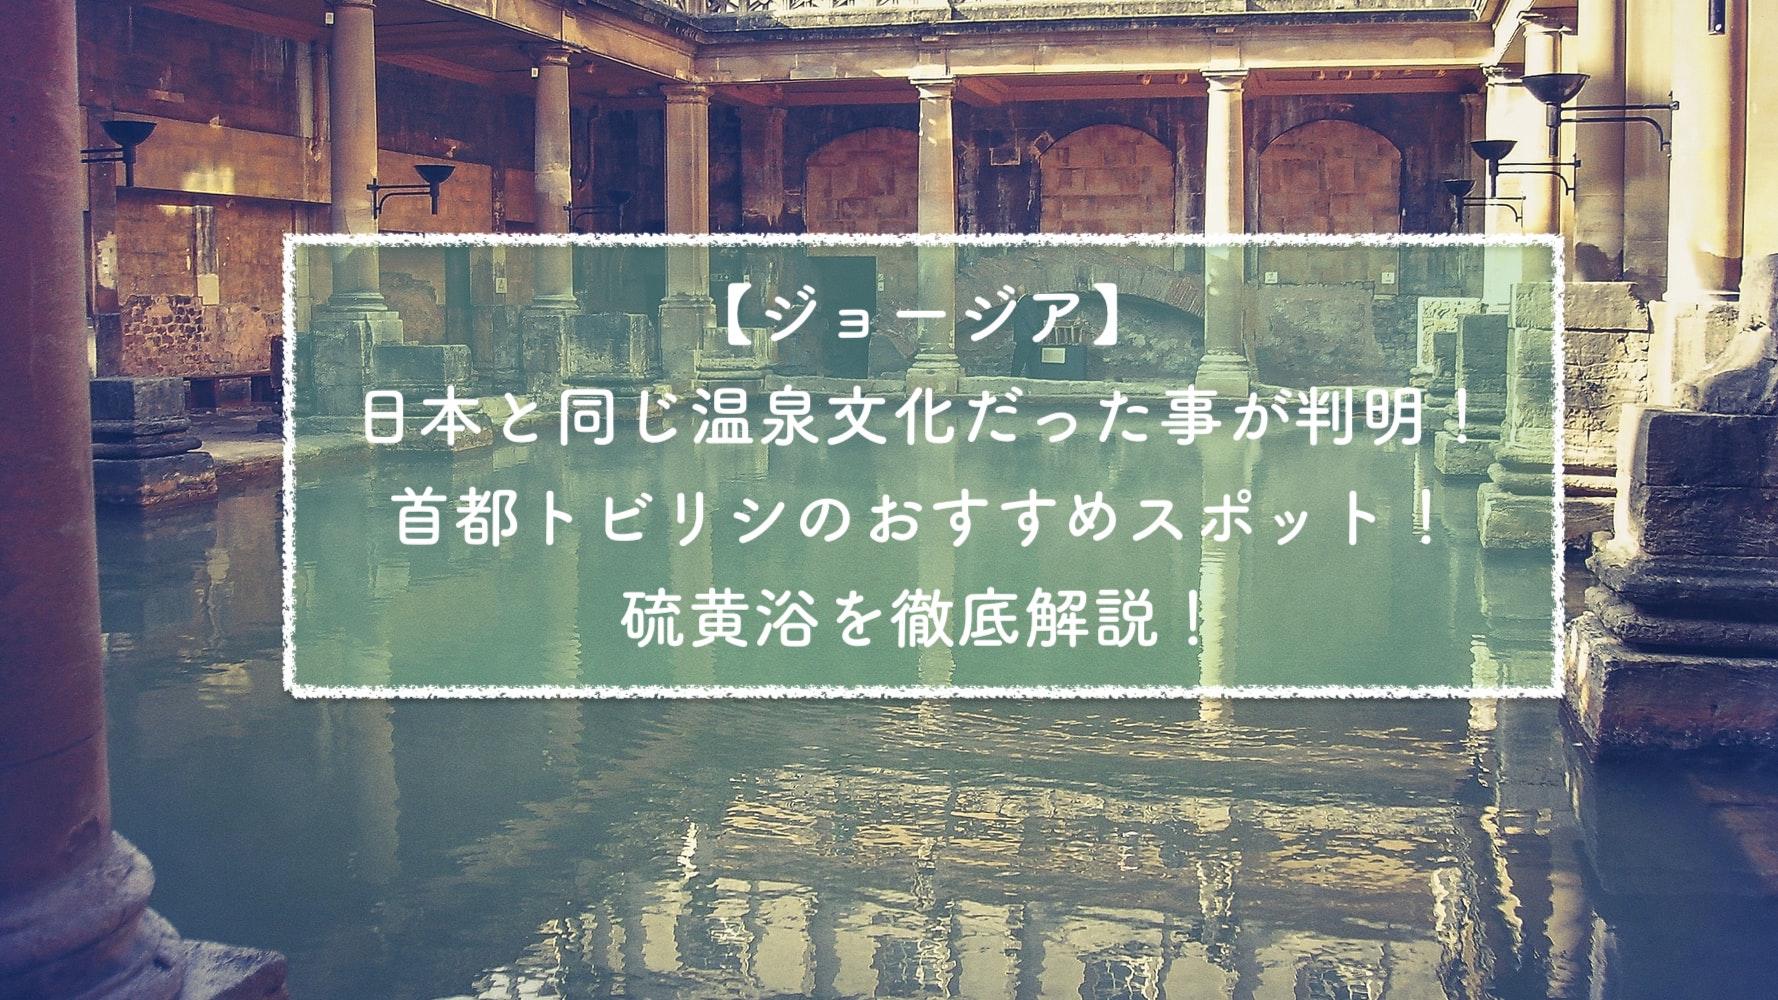 【ジョージア】日本と同じ温泉!トビリシおすすめの硫黄浴を徹底解説!